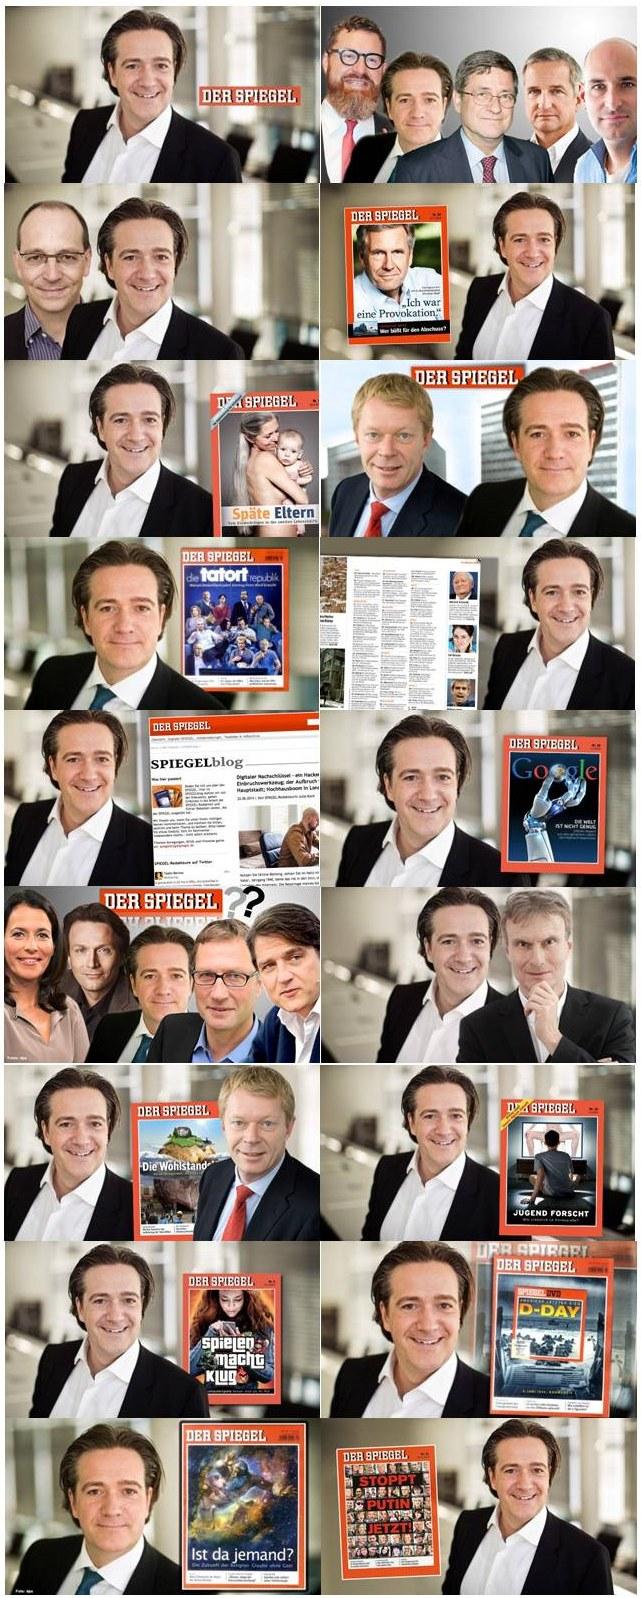 wolfgang b�chner montagen von meedia.de